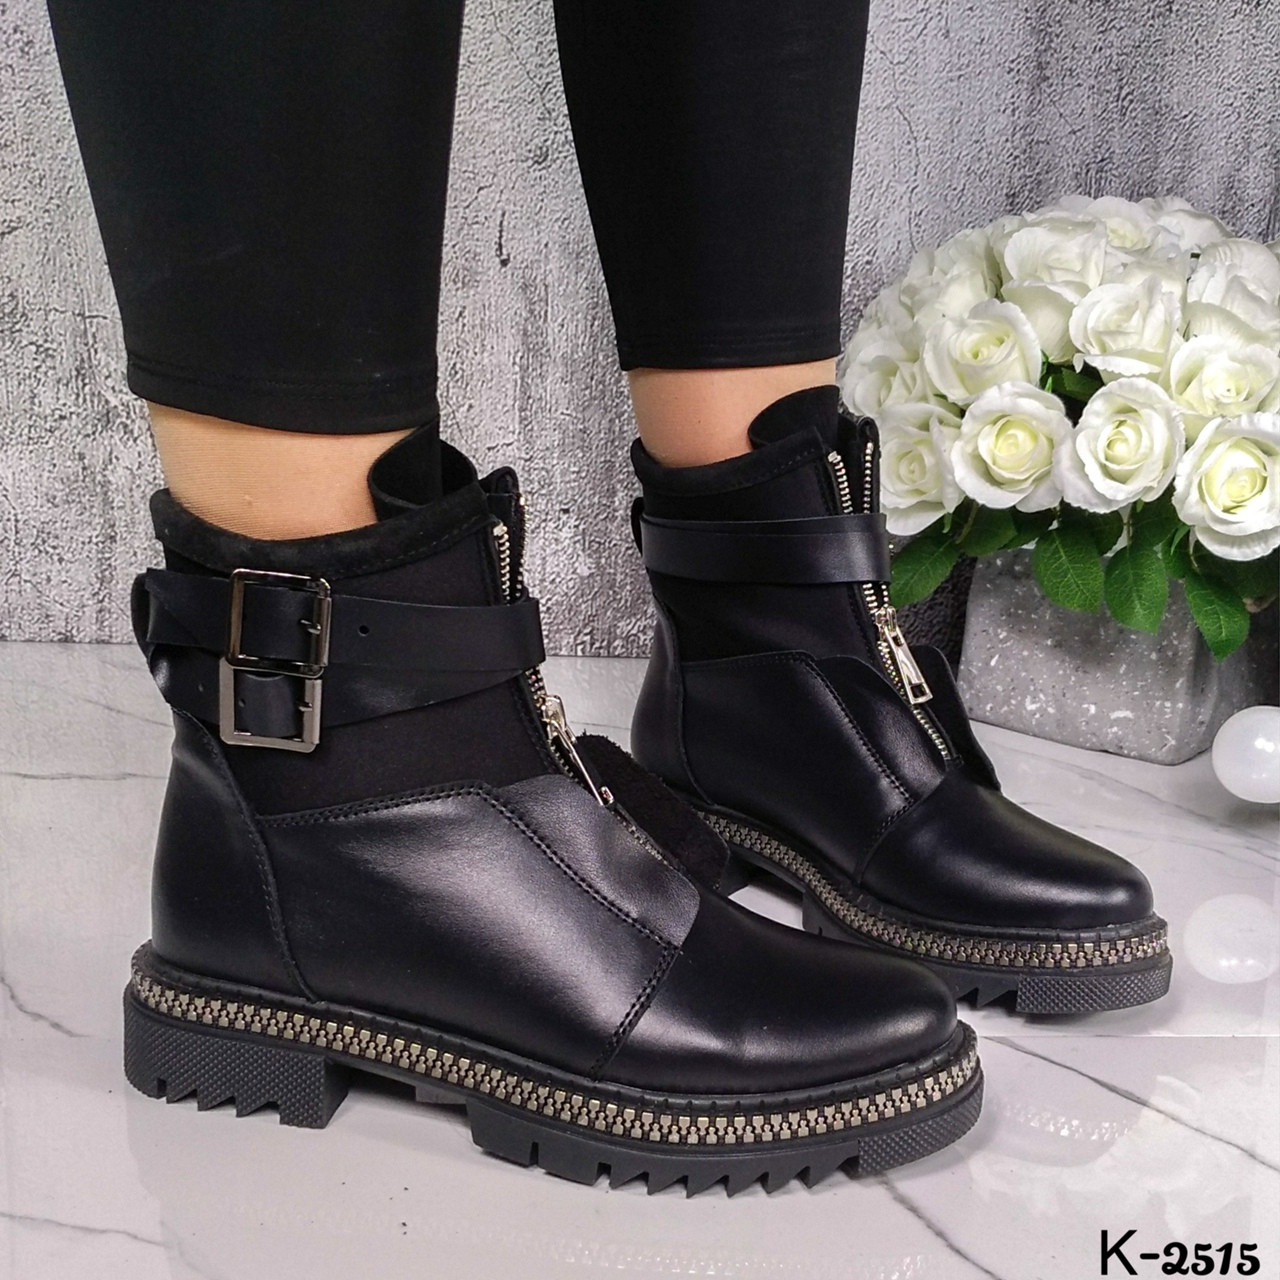 Зимние женские черные ботинки, натуральная кожа/неопрен